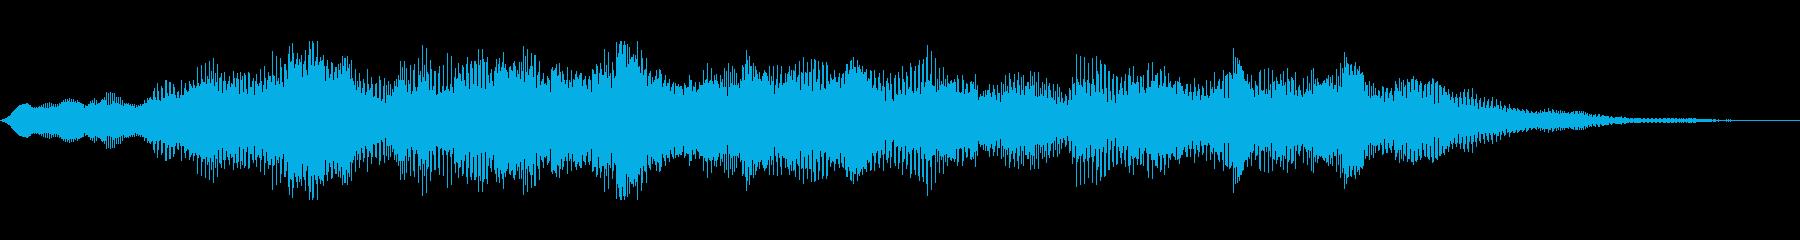 ロゴ・サンバー、ピアノ・リードの再生済みの波形